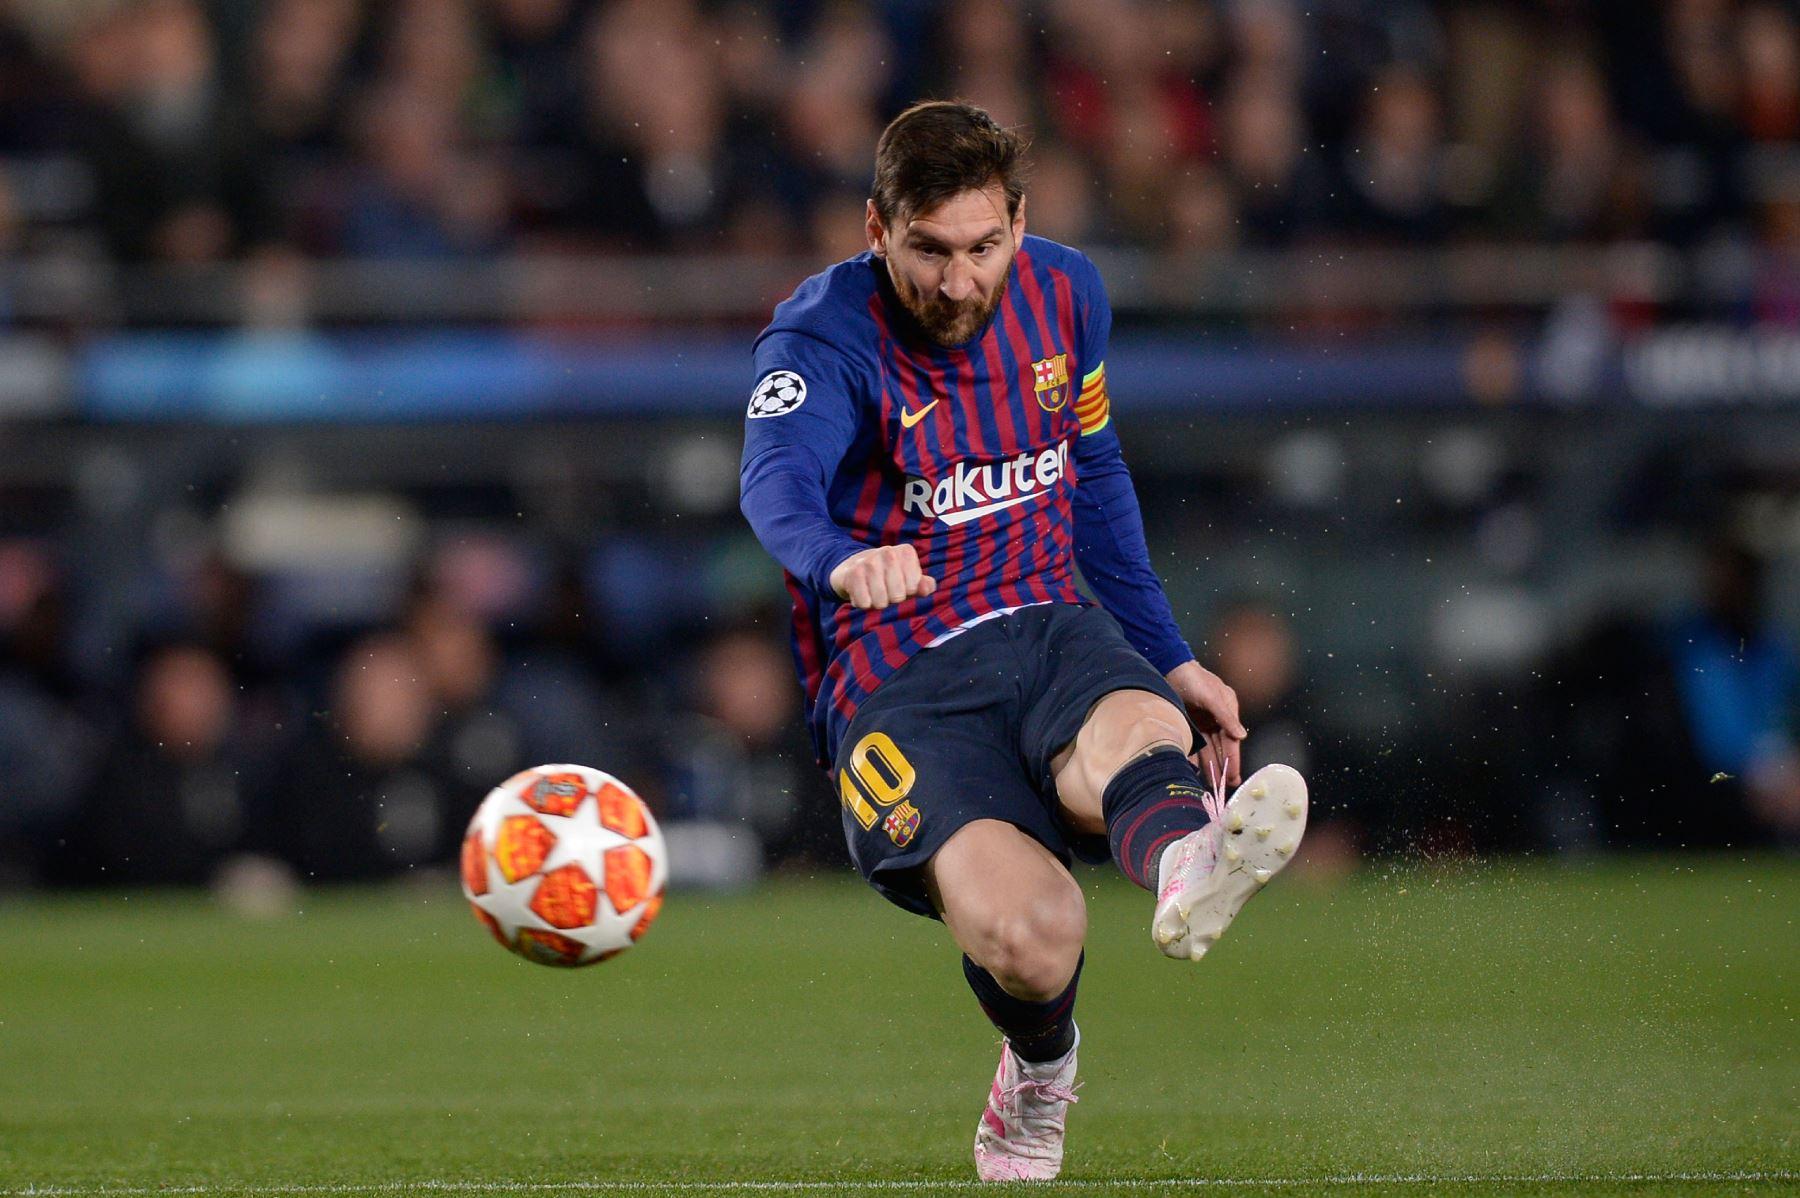 El delantero argentino de Barcelona Lionel Messi marca un gol durante el partido de fútbol de la segunda etapa de la UEFA Champions League entre Barcelona y Manchester United.Foto: AFP